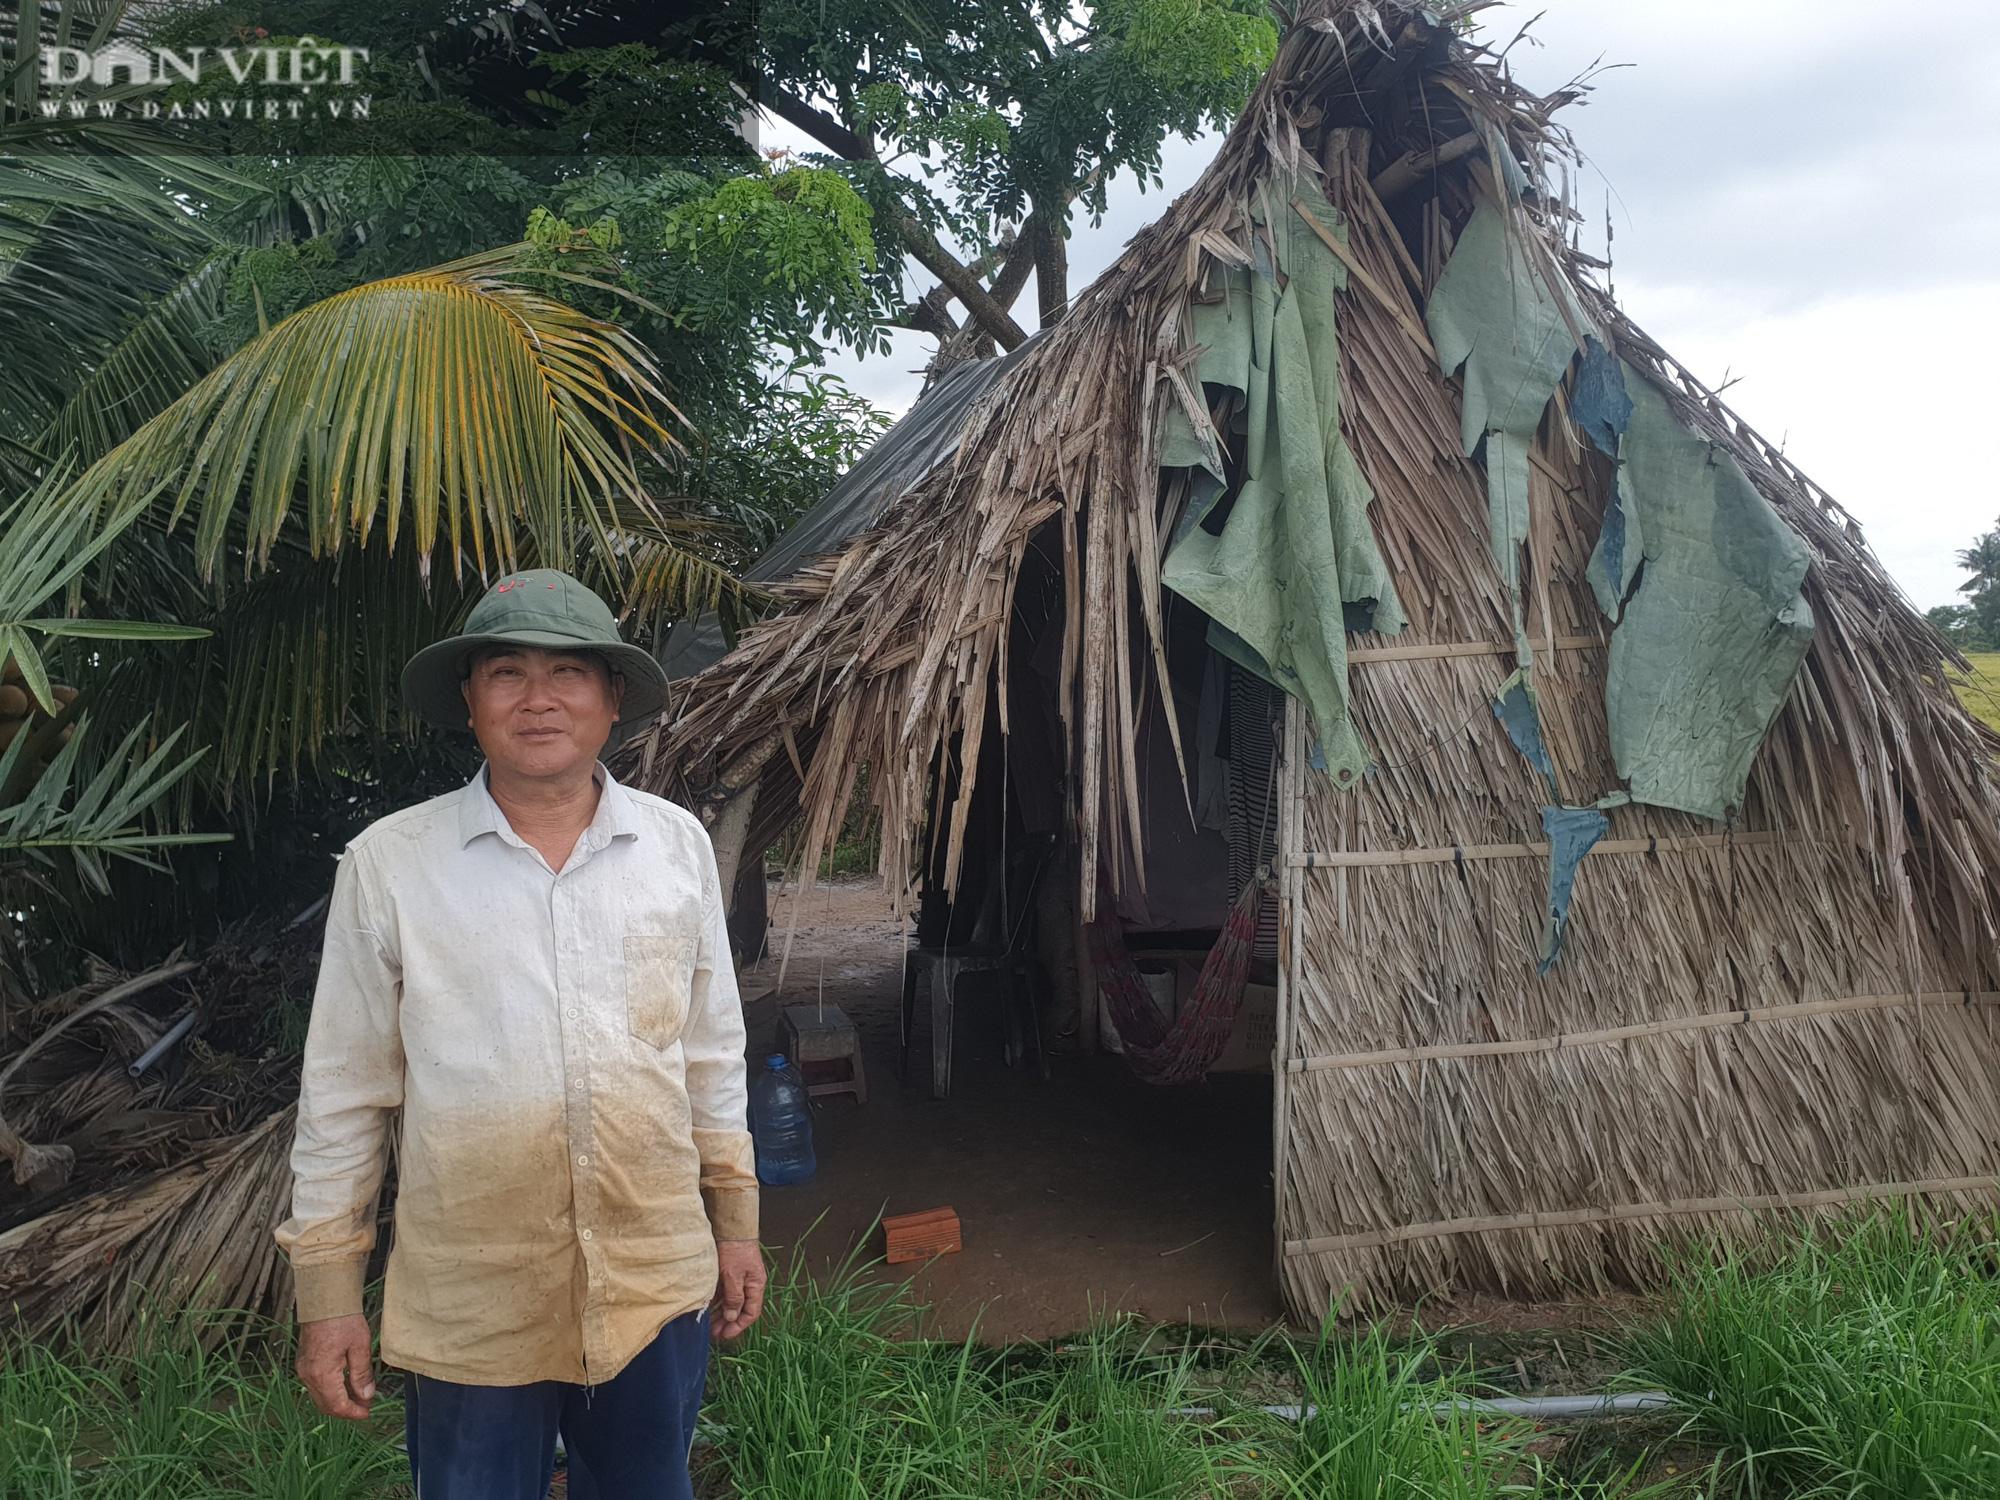 Lão nông ngủ chòi lá, chỉ trồng hẹ, trồng lúa nhưng có hàng tỷ đồng làm từ thiện - Ảnh 5.